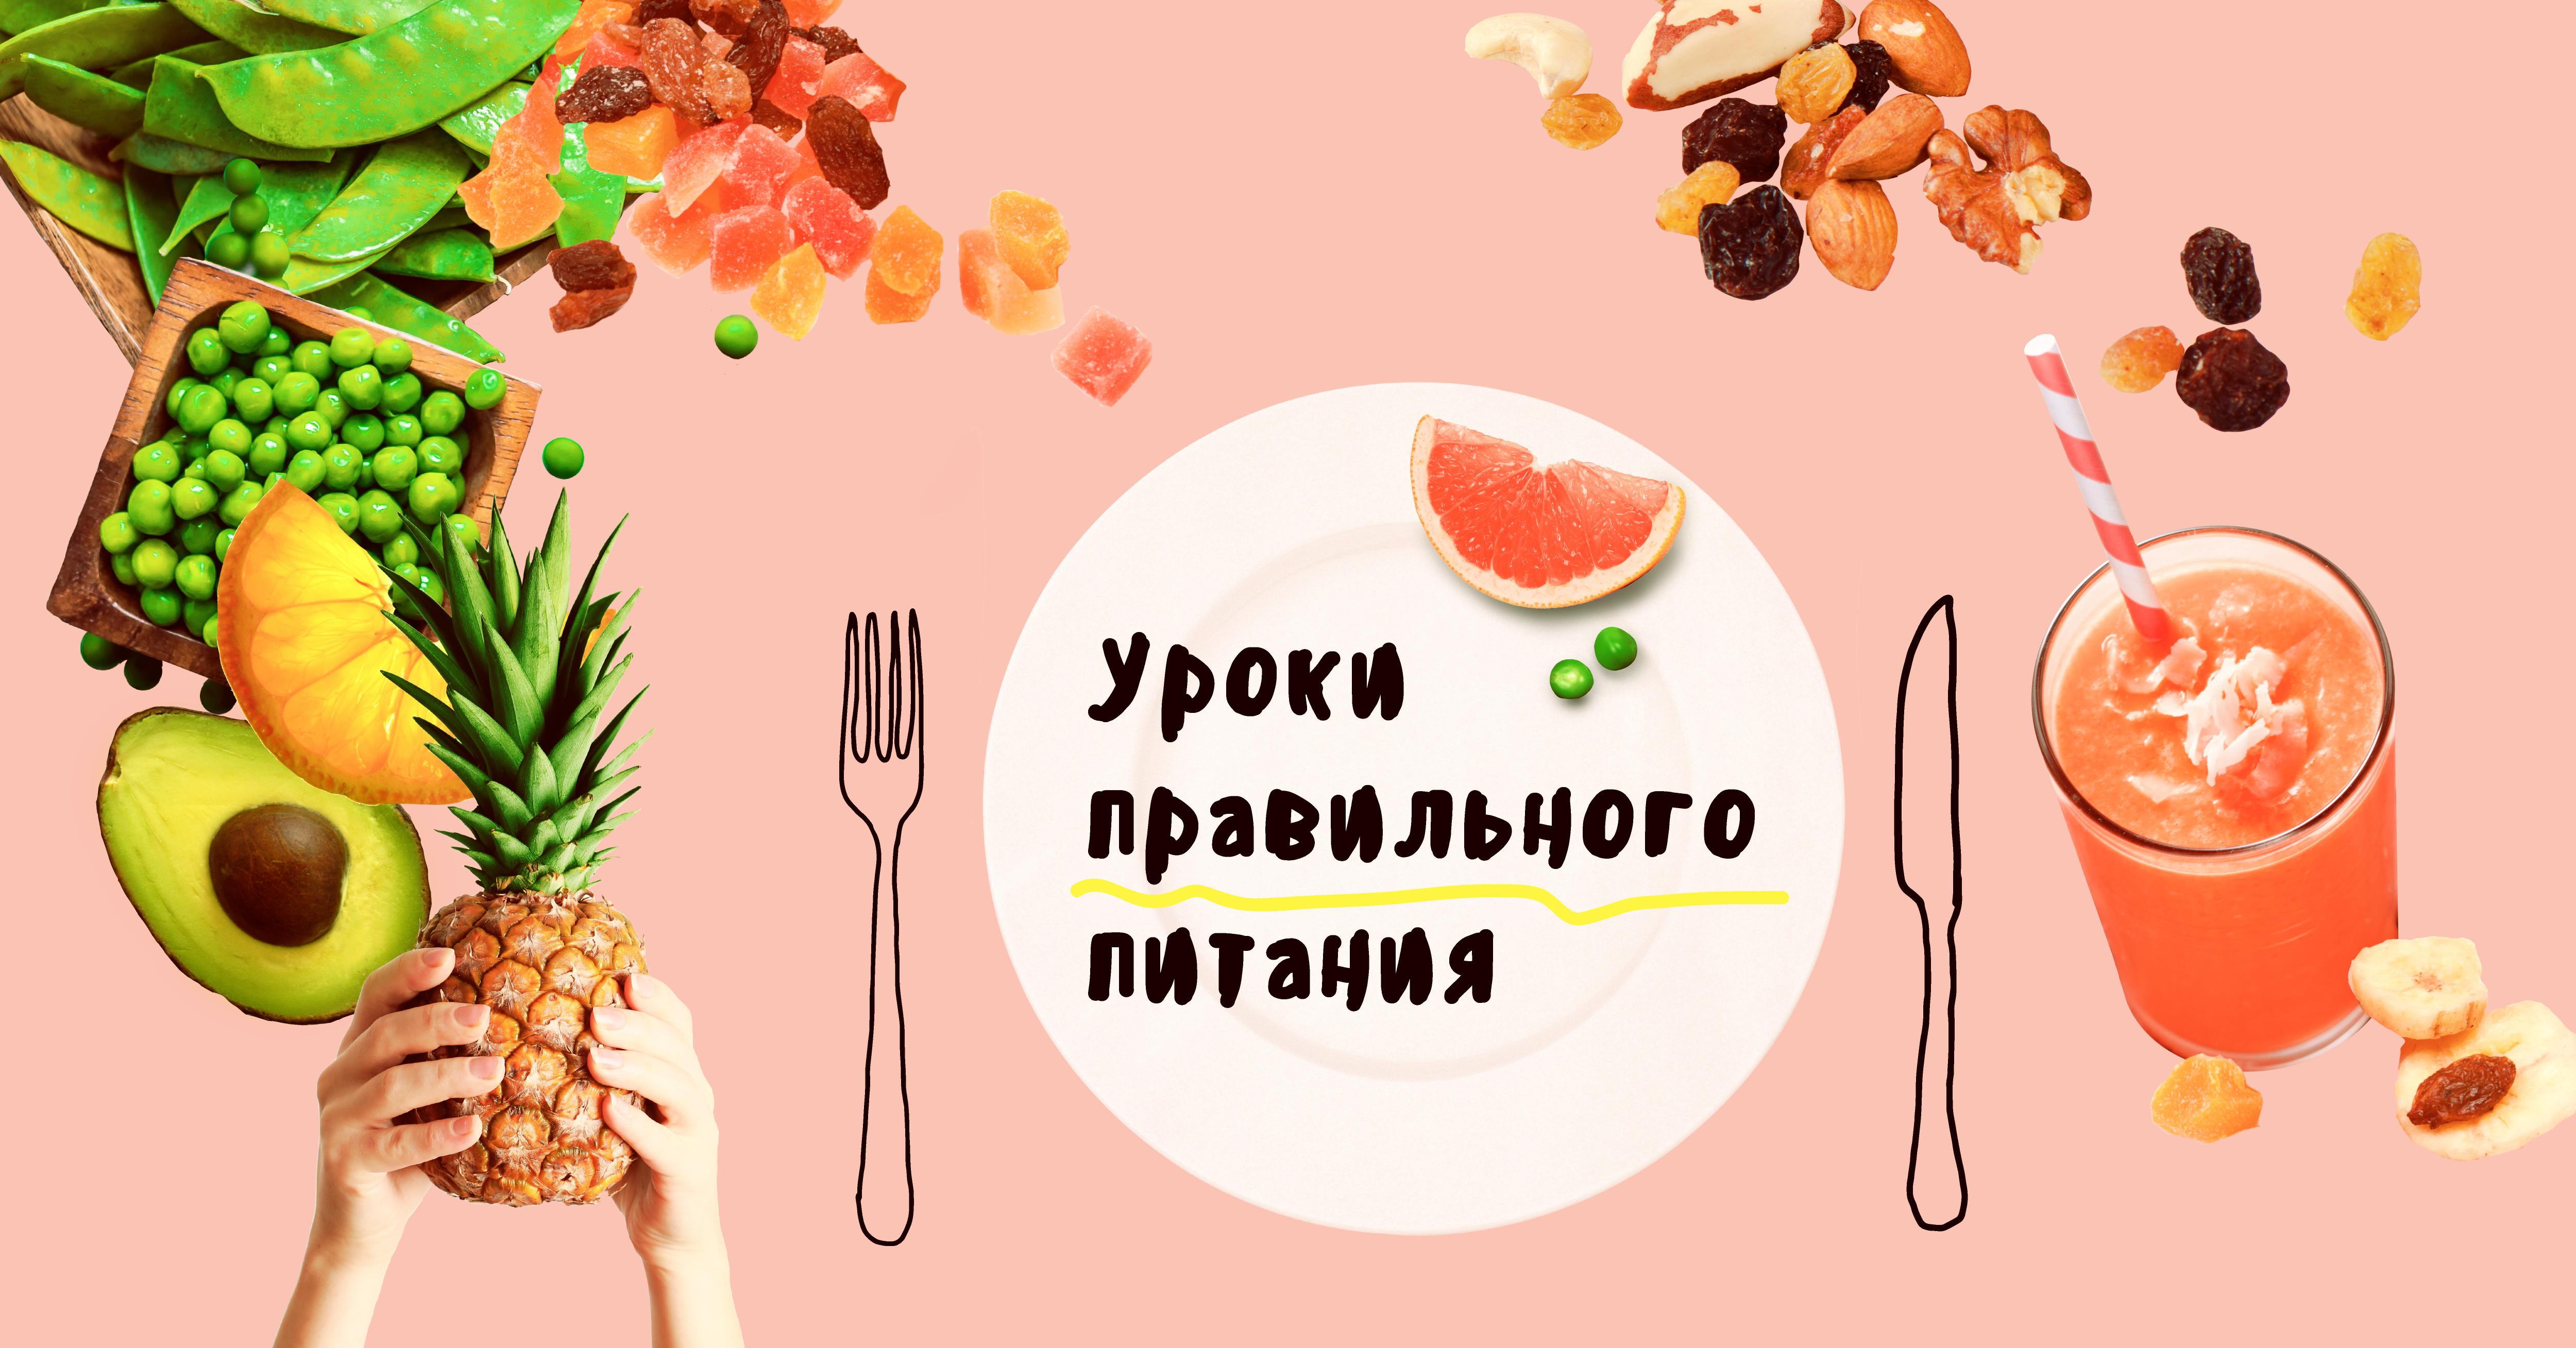 Уроки питания от Лины Вертагус. Практический курс